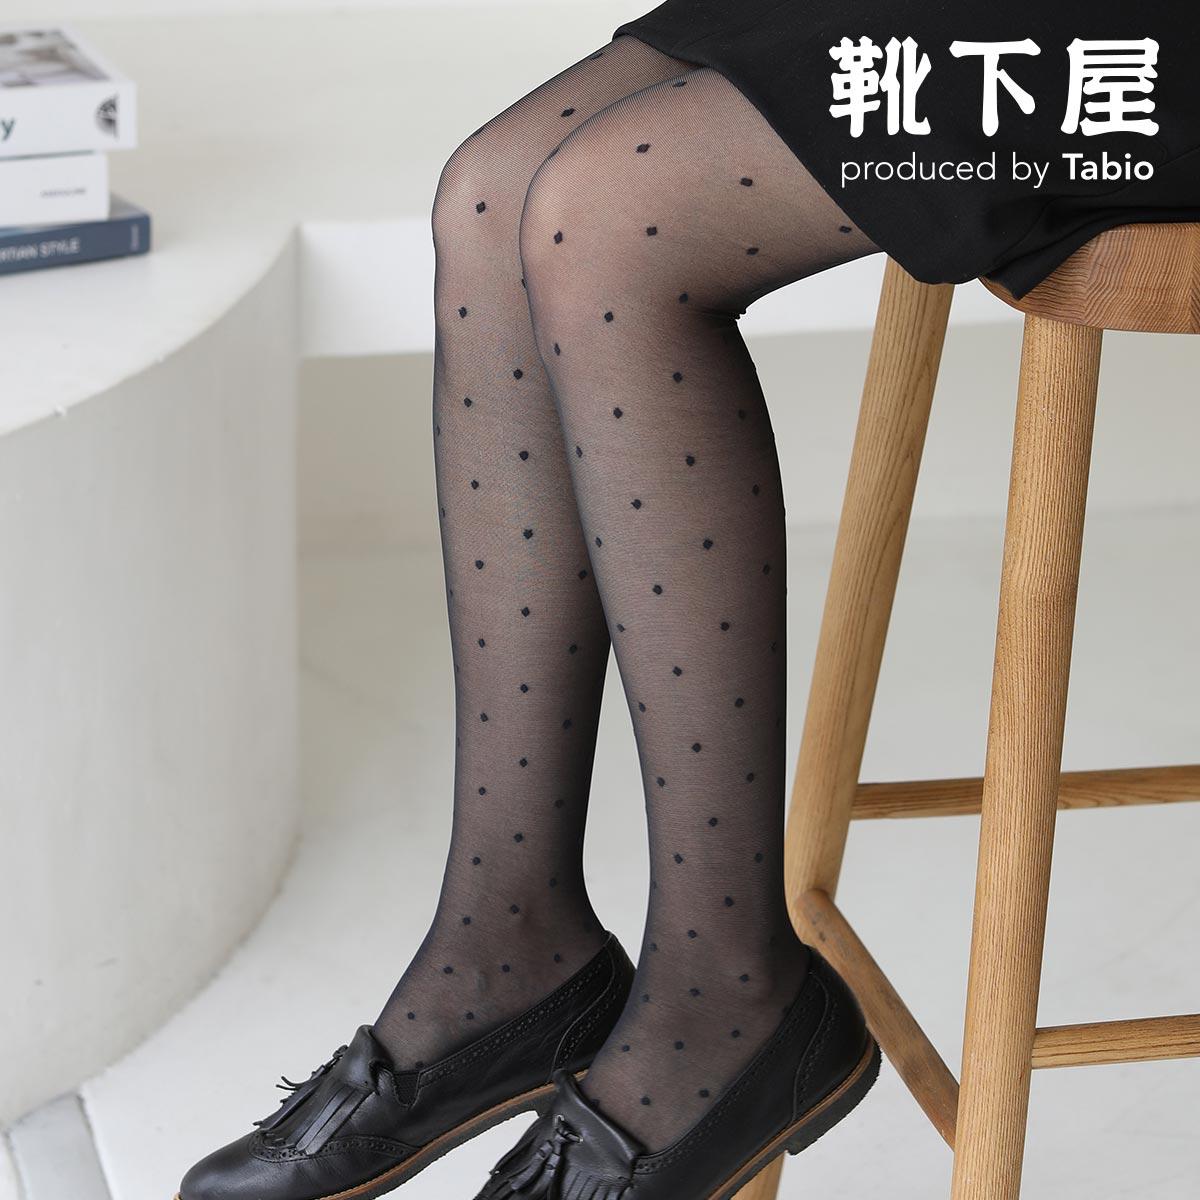 日本未発売 靴下屋 ドット柄クリアーストッキング 靴下 タビオ Tabio くつ下 ストッキング タイツ 新作入荷 あす楽 日本製 レディース